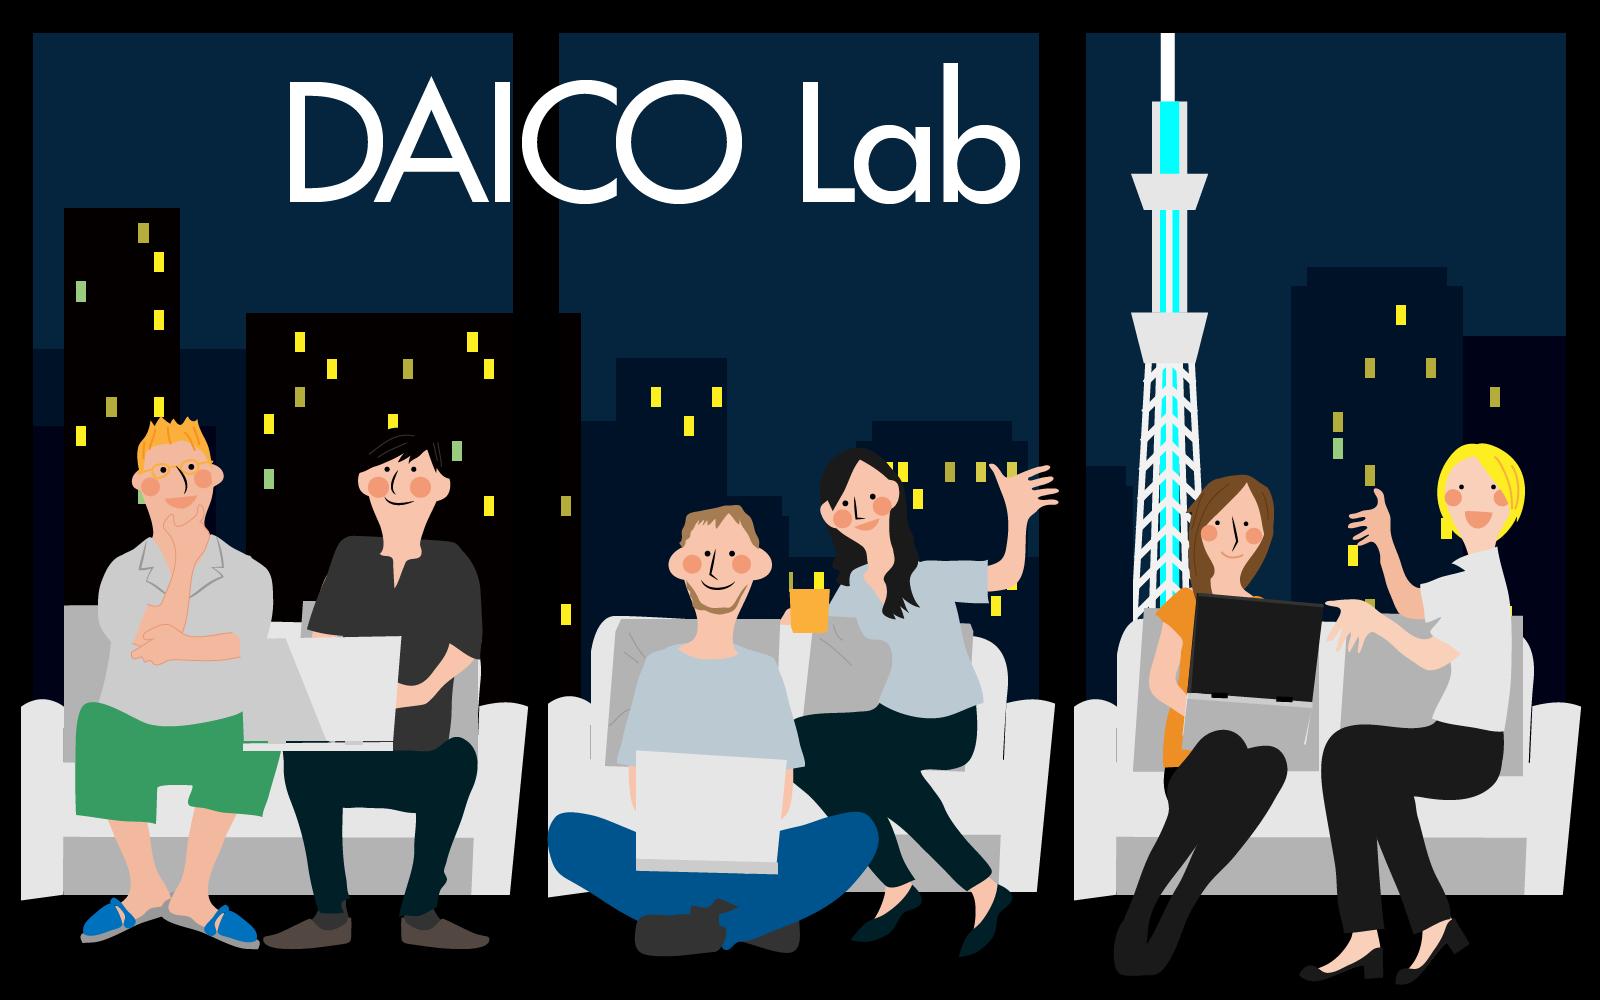 DAICOオープンソースフレームワーク #02 DAICOVOのデプロイと運用フロー